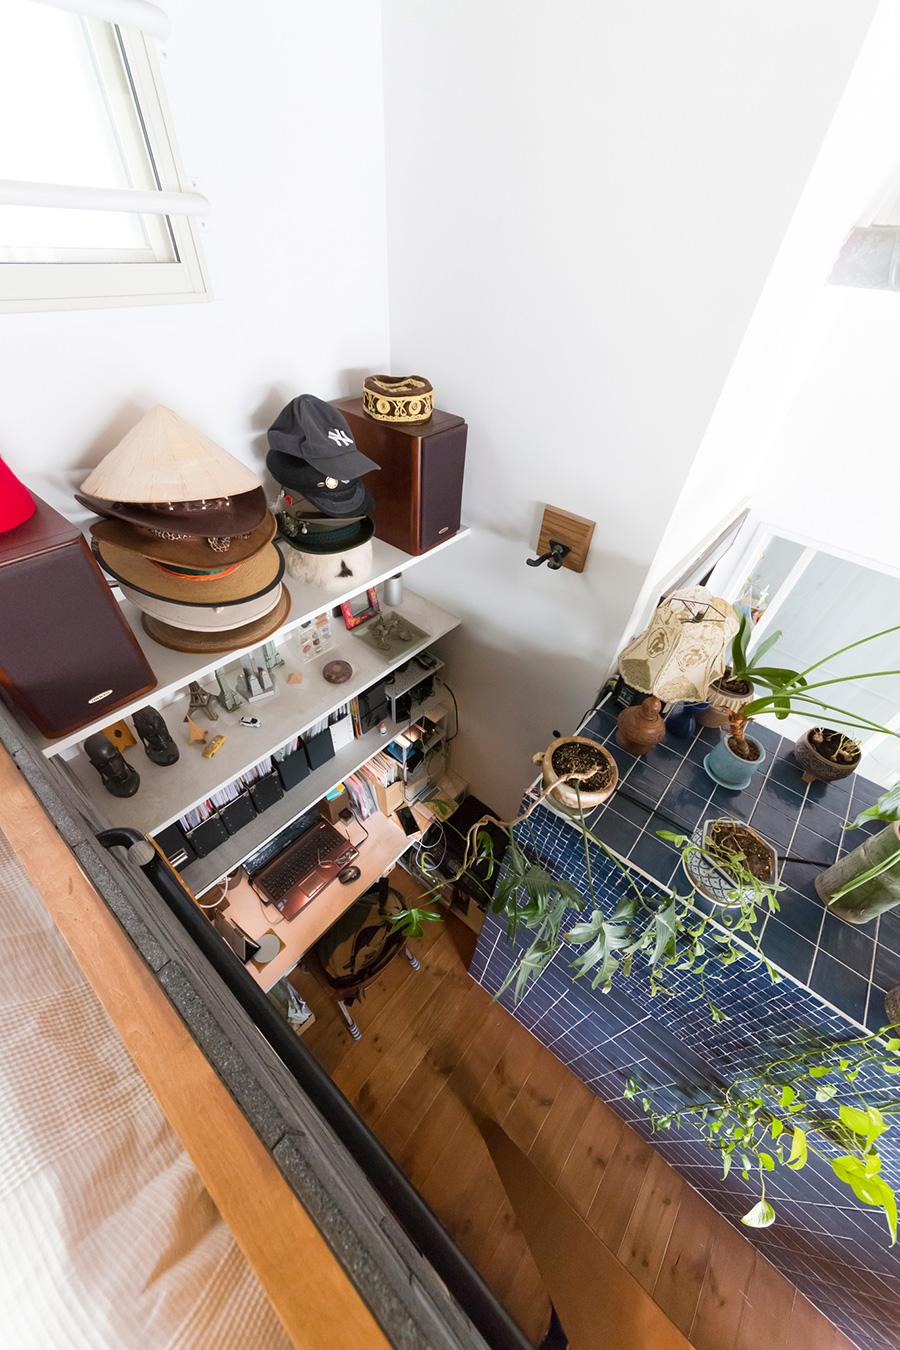 室内に誕生した路地を上から見下ろす。旅先で買い集めた帽子が棚の上に並ぶ。